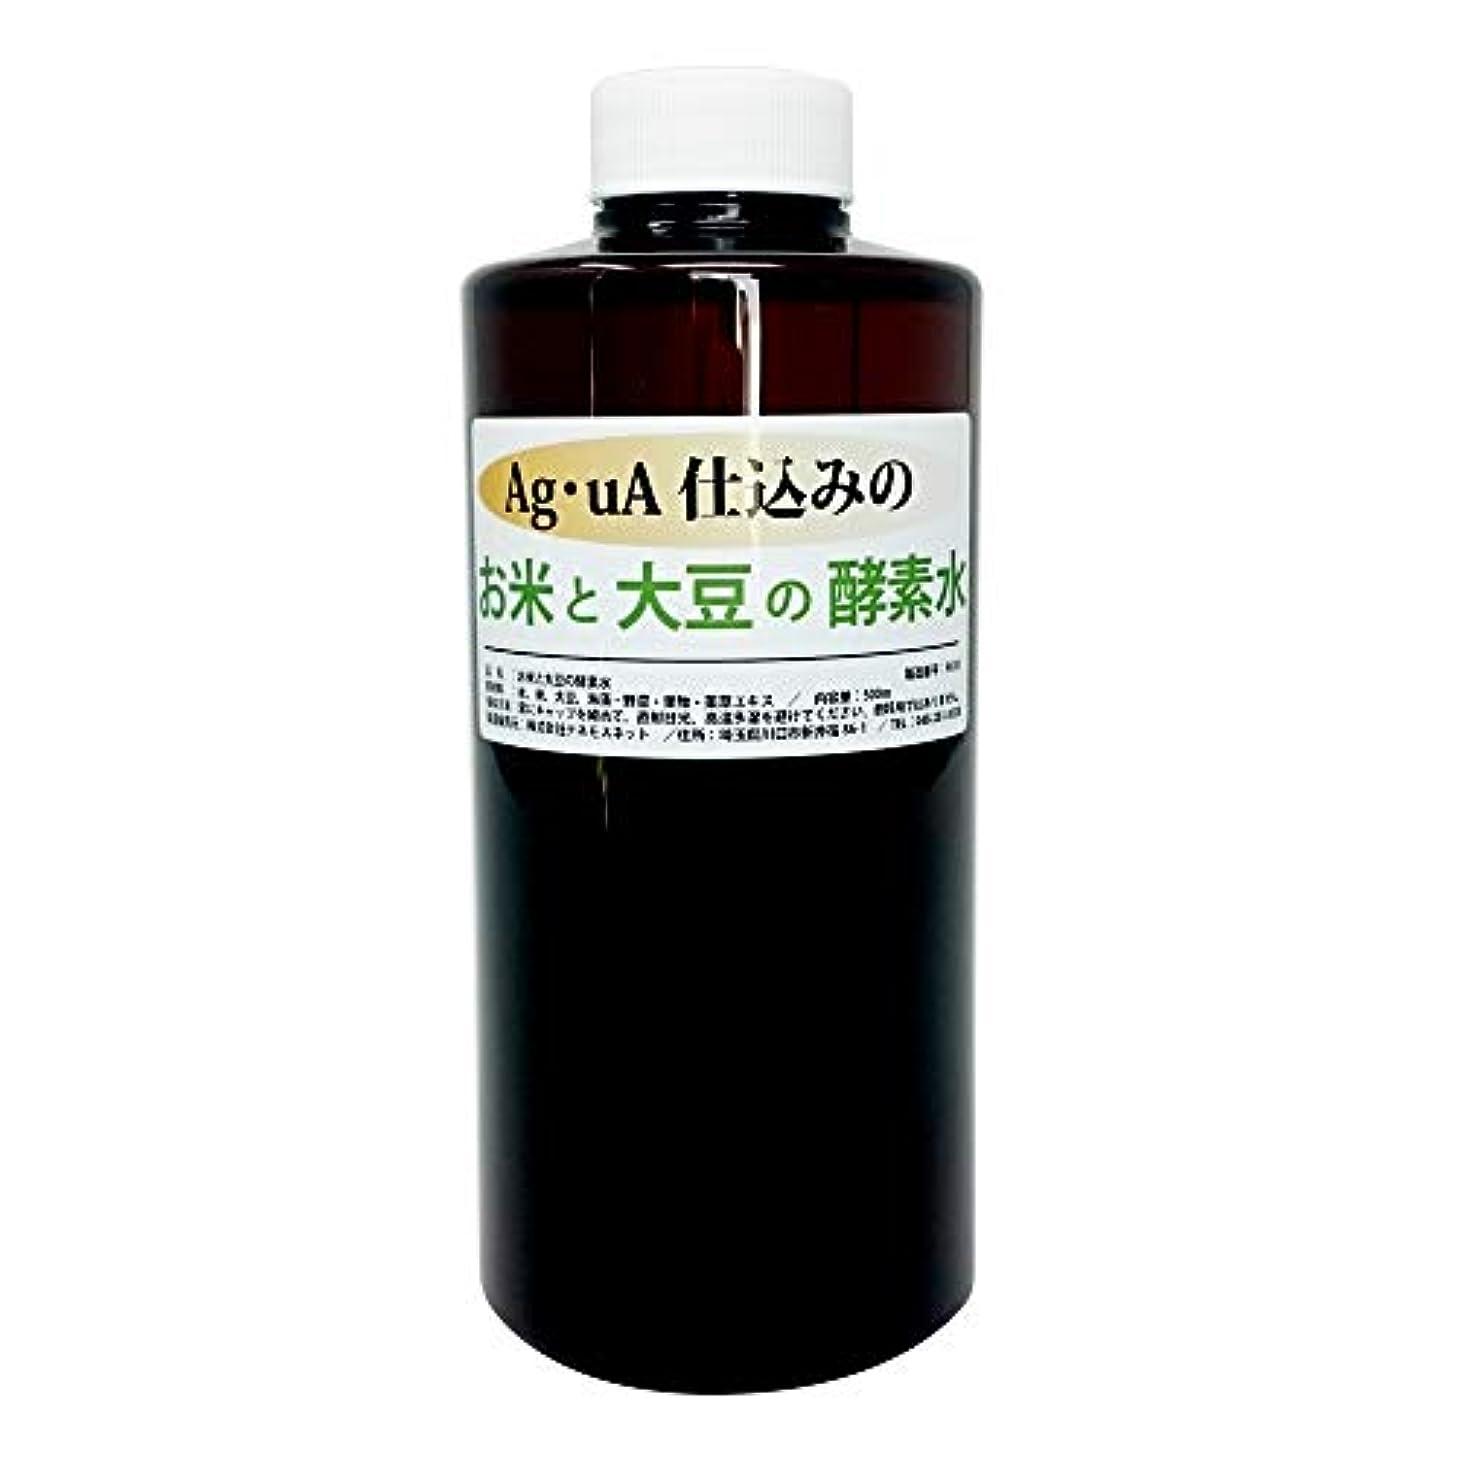 結び目薄汚い反動テネモス アグア仕込みのお米と大豆の酵素水 500ml